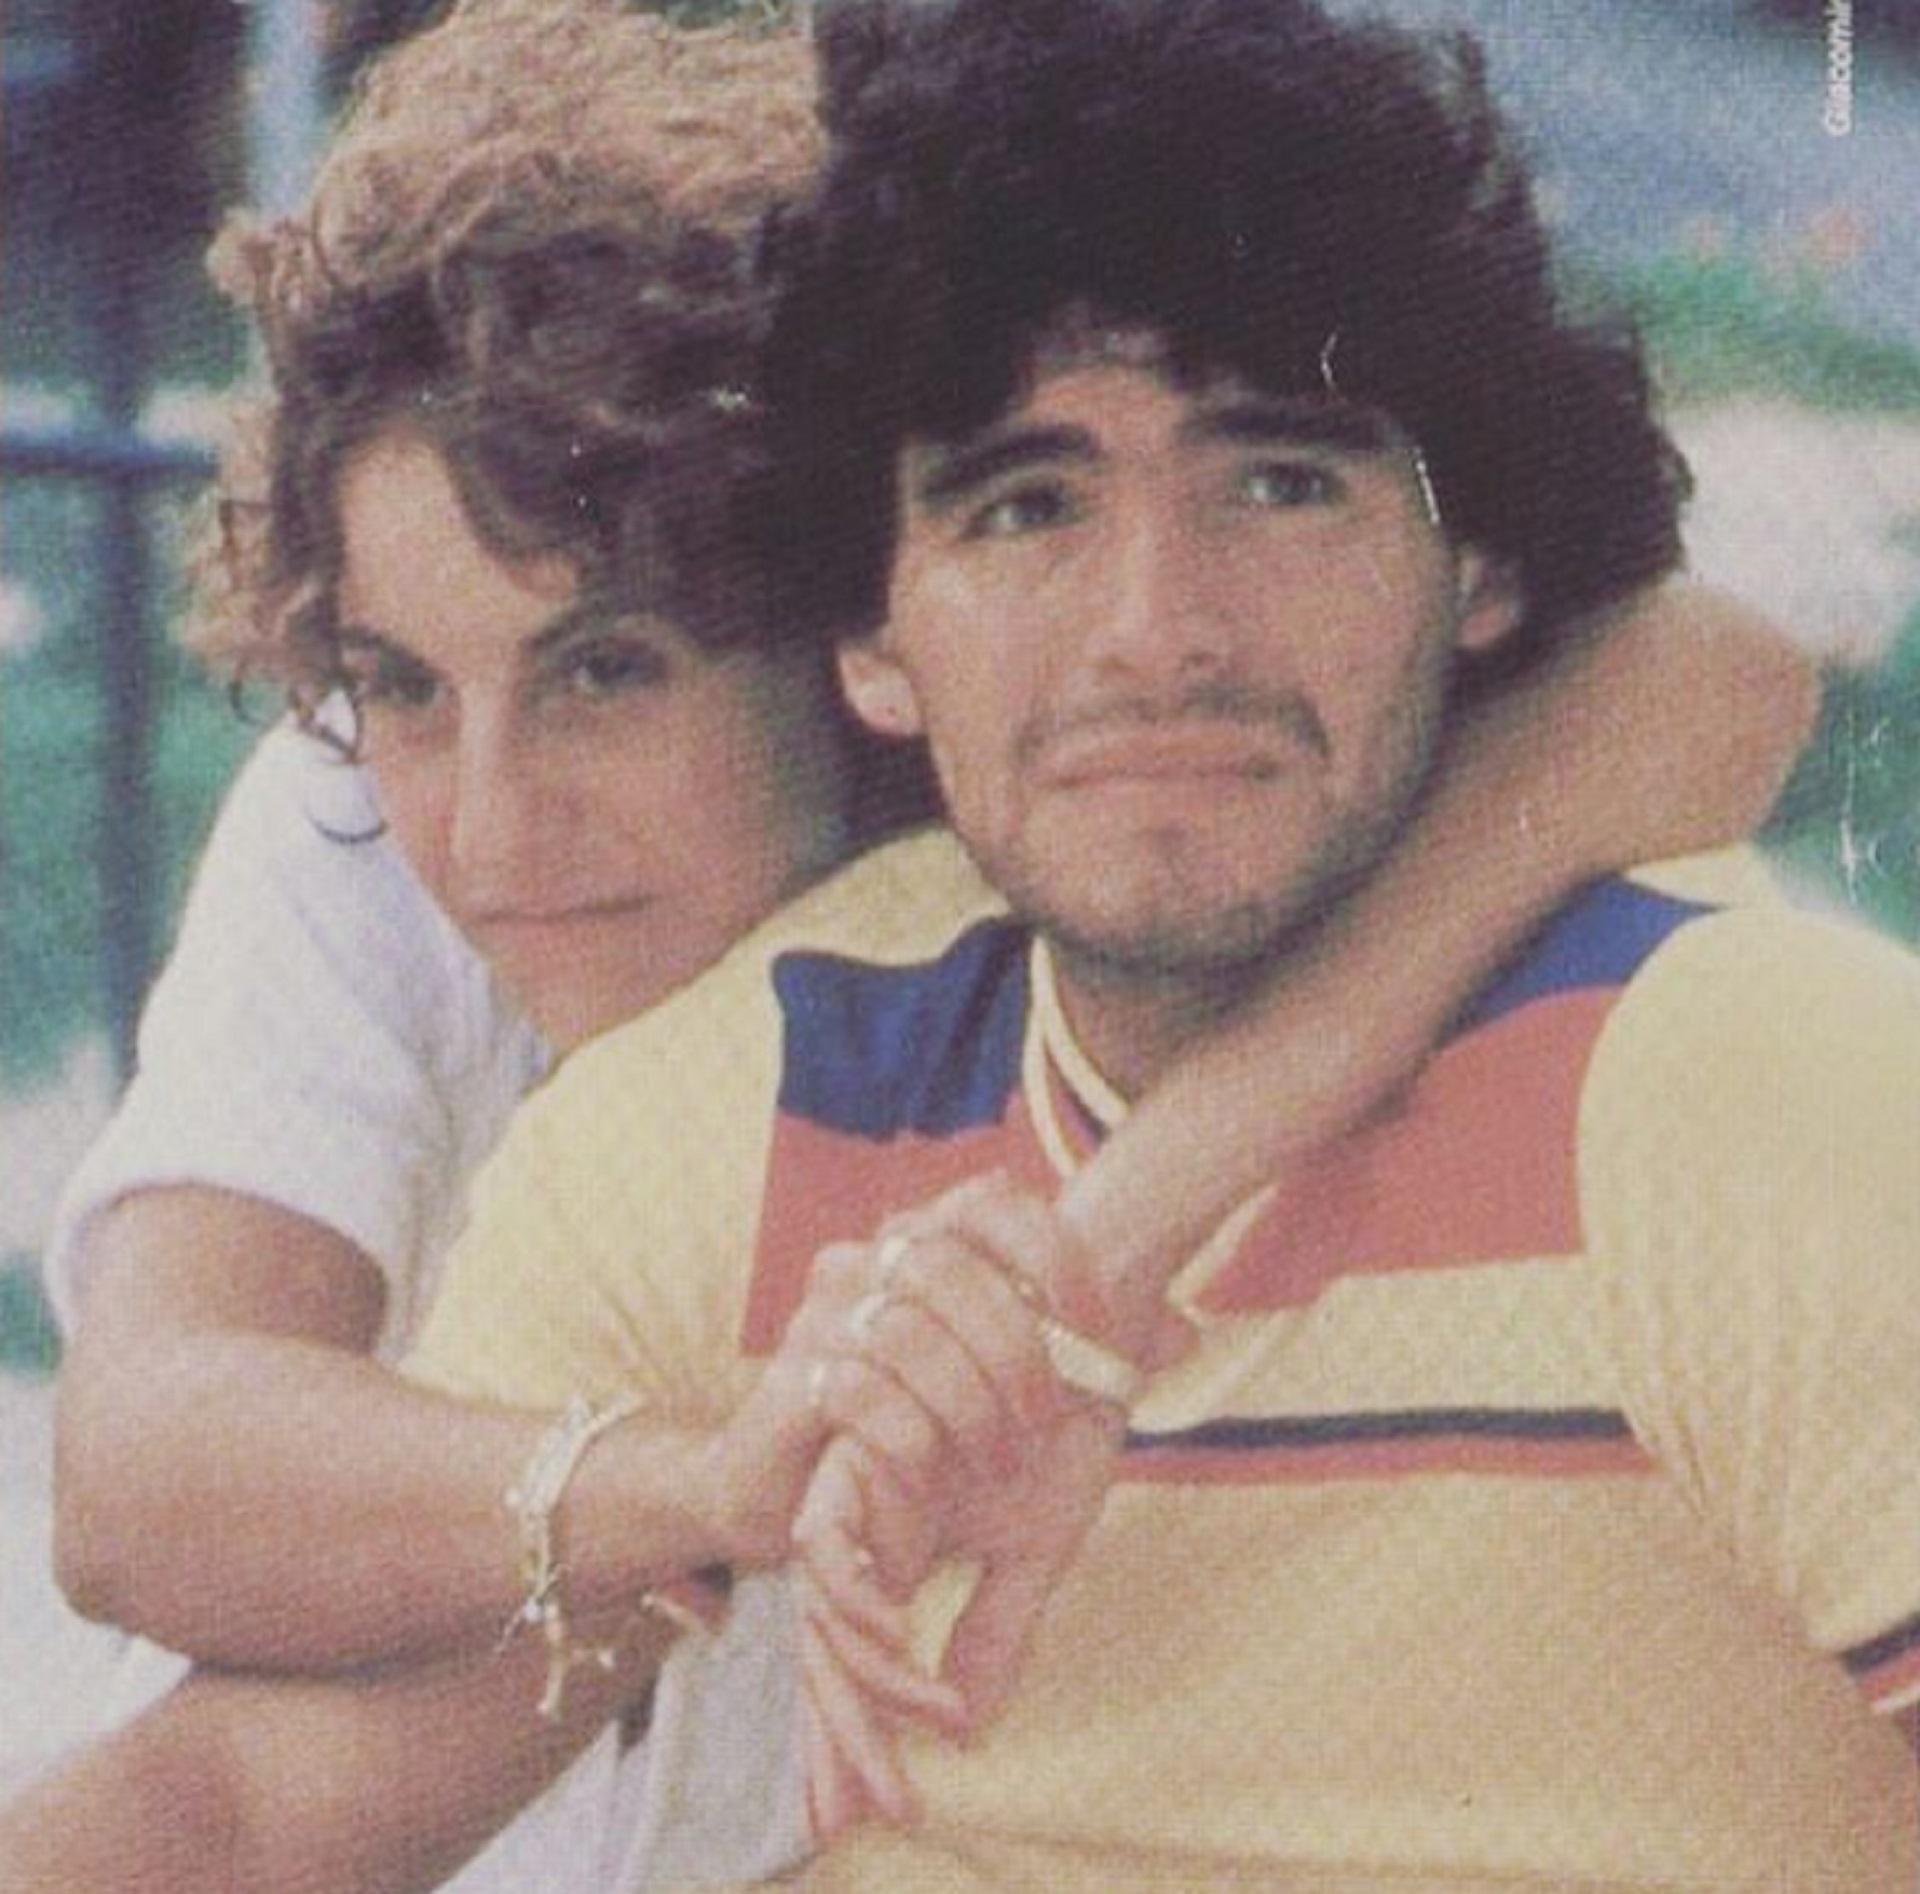 La Pelea Judicial De Diego Maradona Y Claudia Villafane Allanamiento Y Reves Judicial En Estados Unidos Infobae